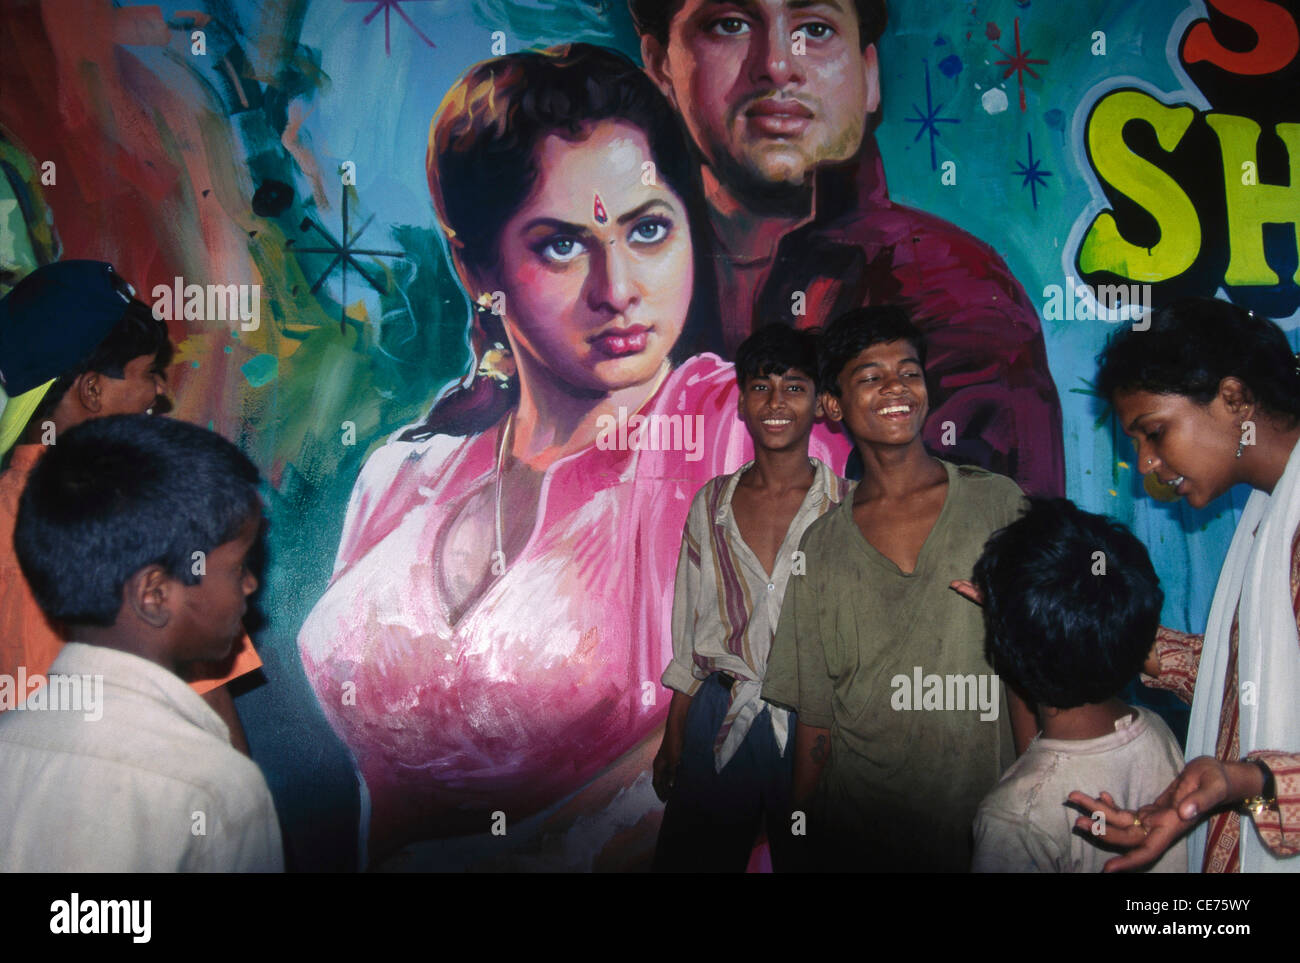 La SOA 84695 : India: i bambini di strada nella parte anteriore del poster di bollywood bombay mumbai india Immagini Stock